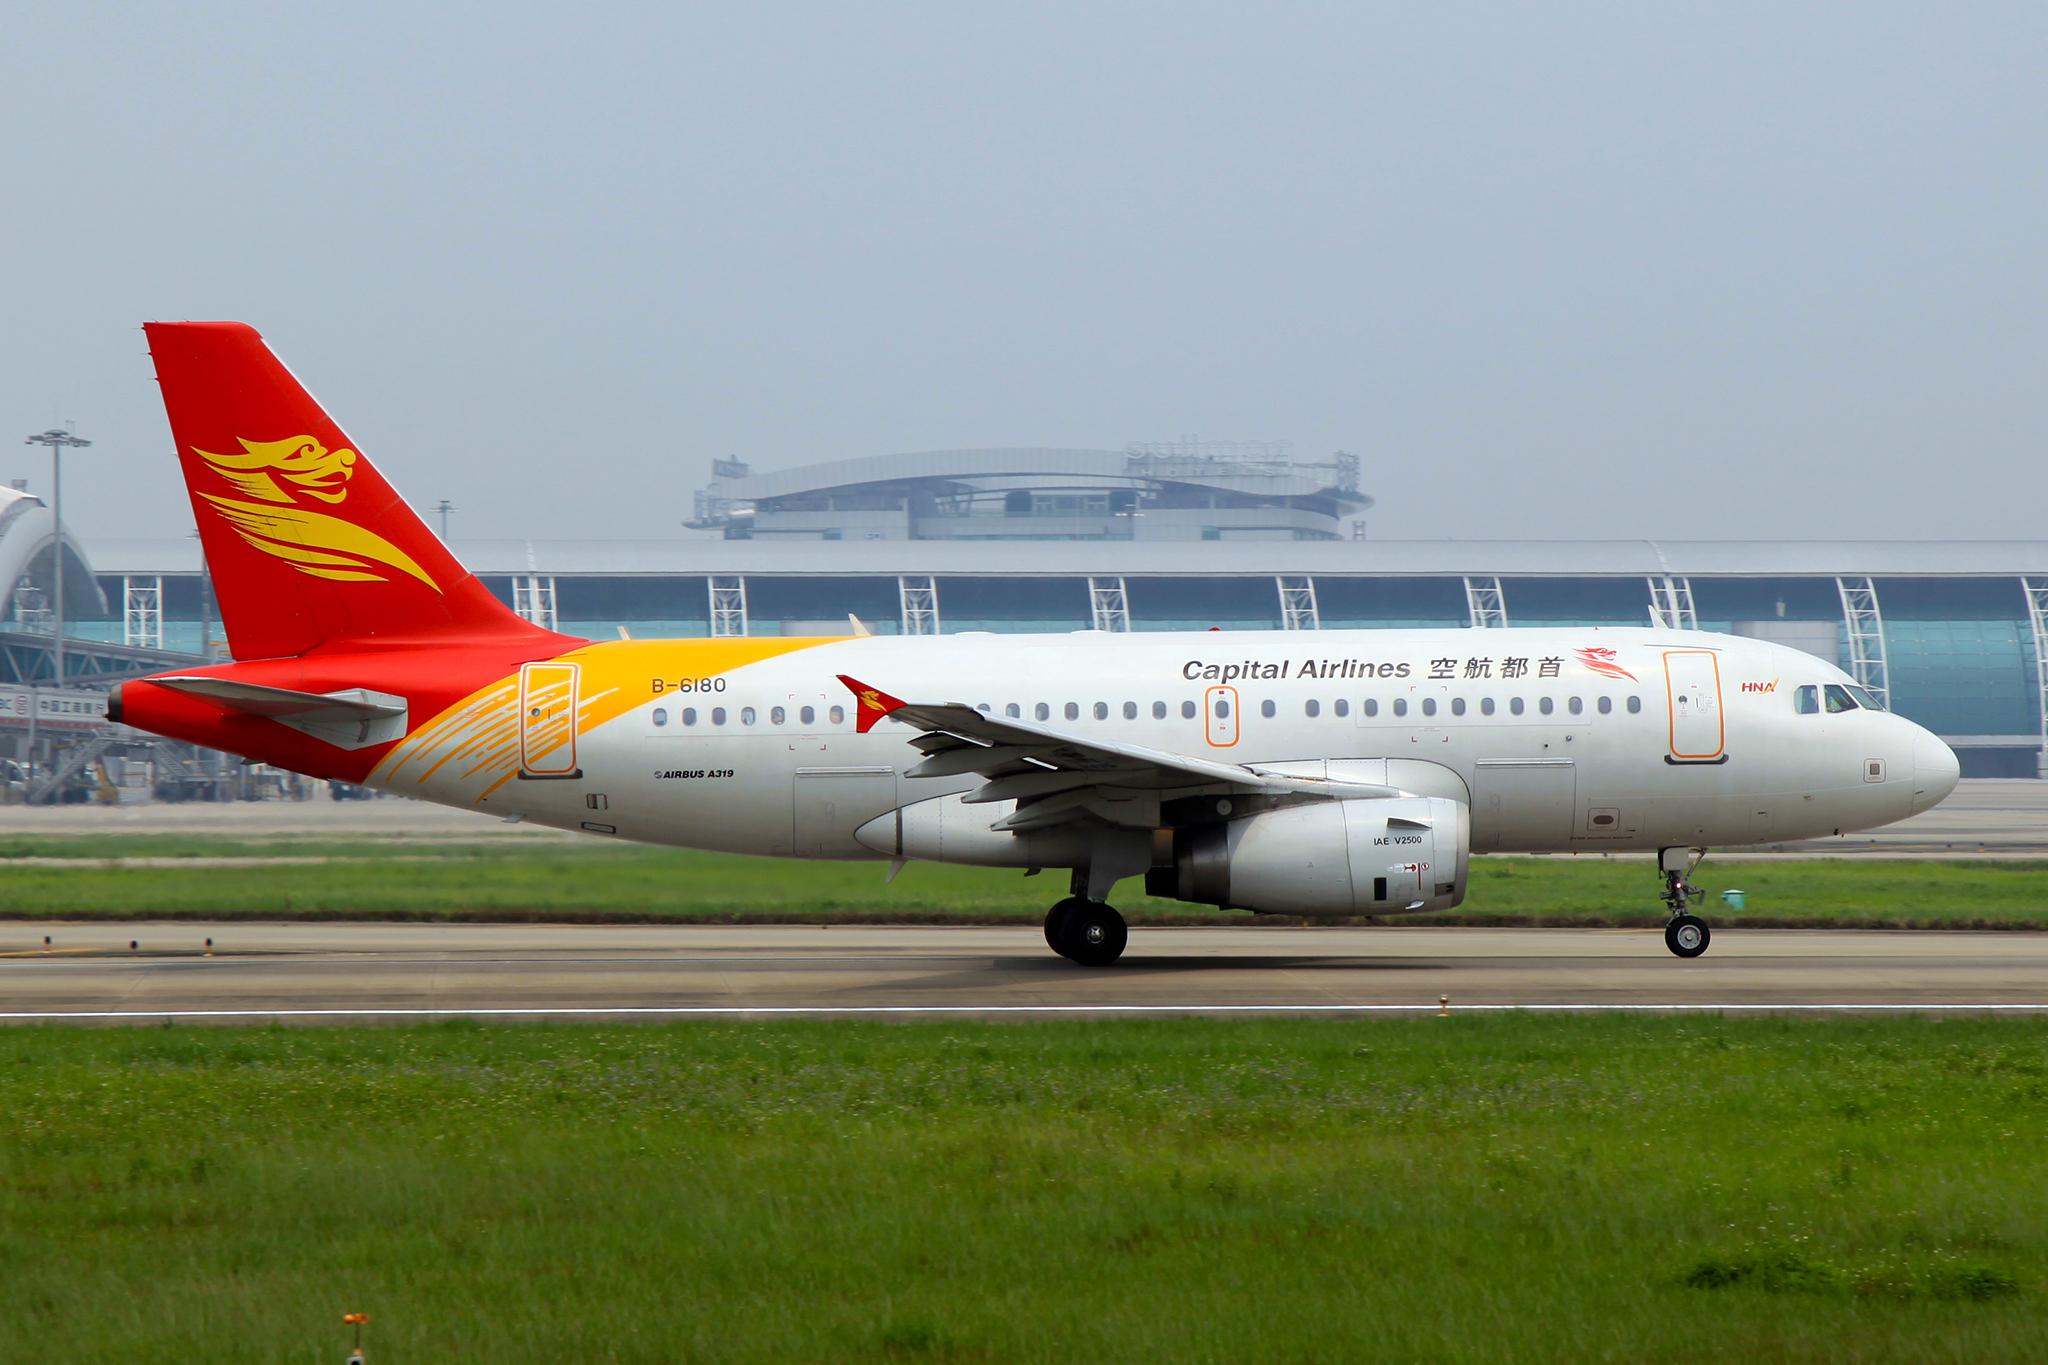 Aviação   Voo Capital Airlines em Macau para ligação Pequim-Lisboa